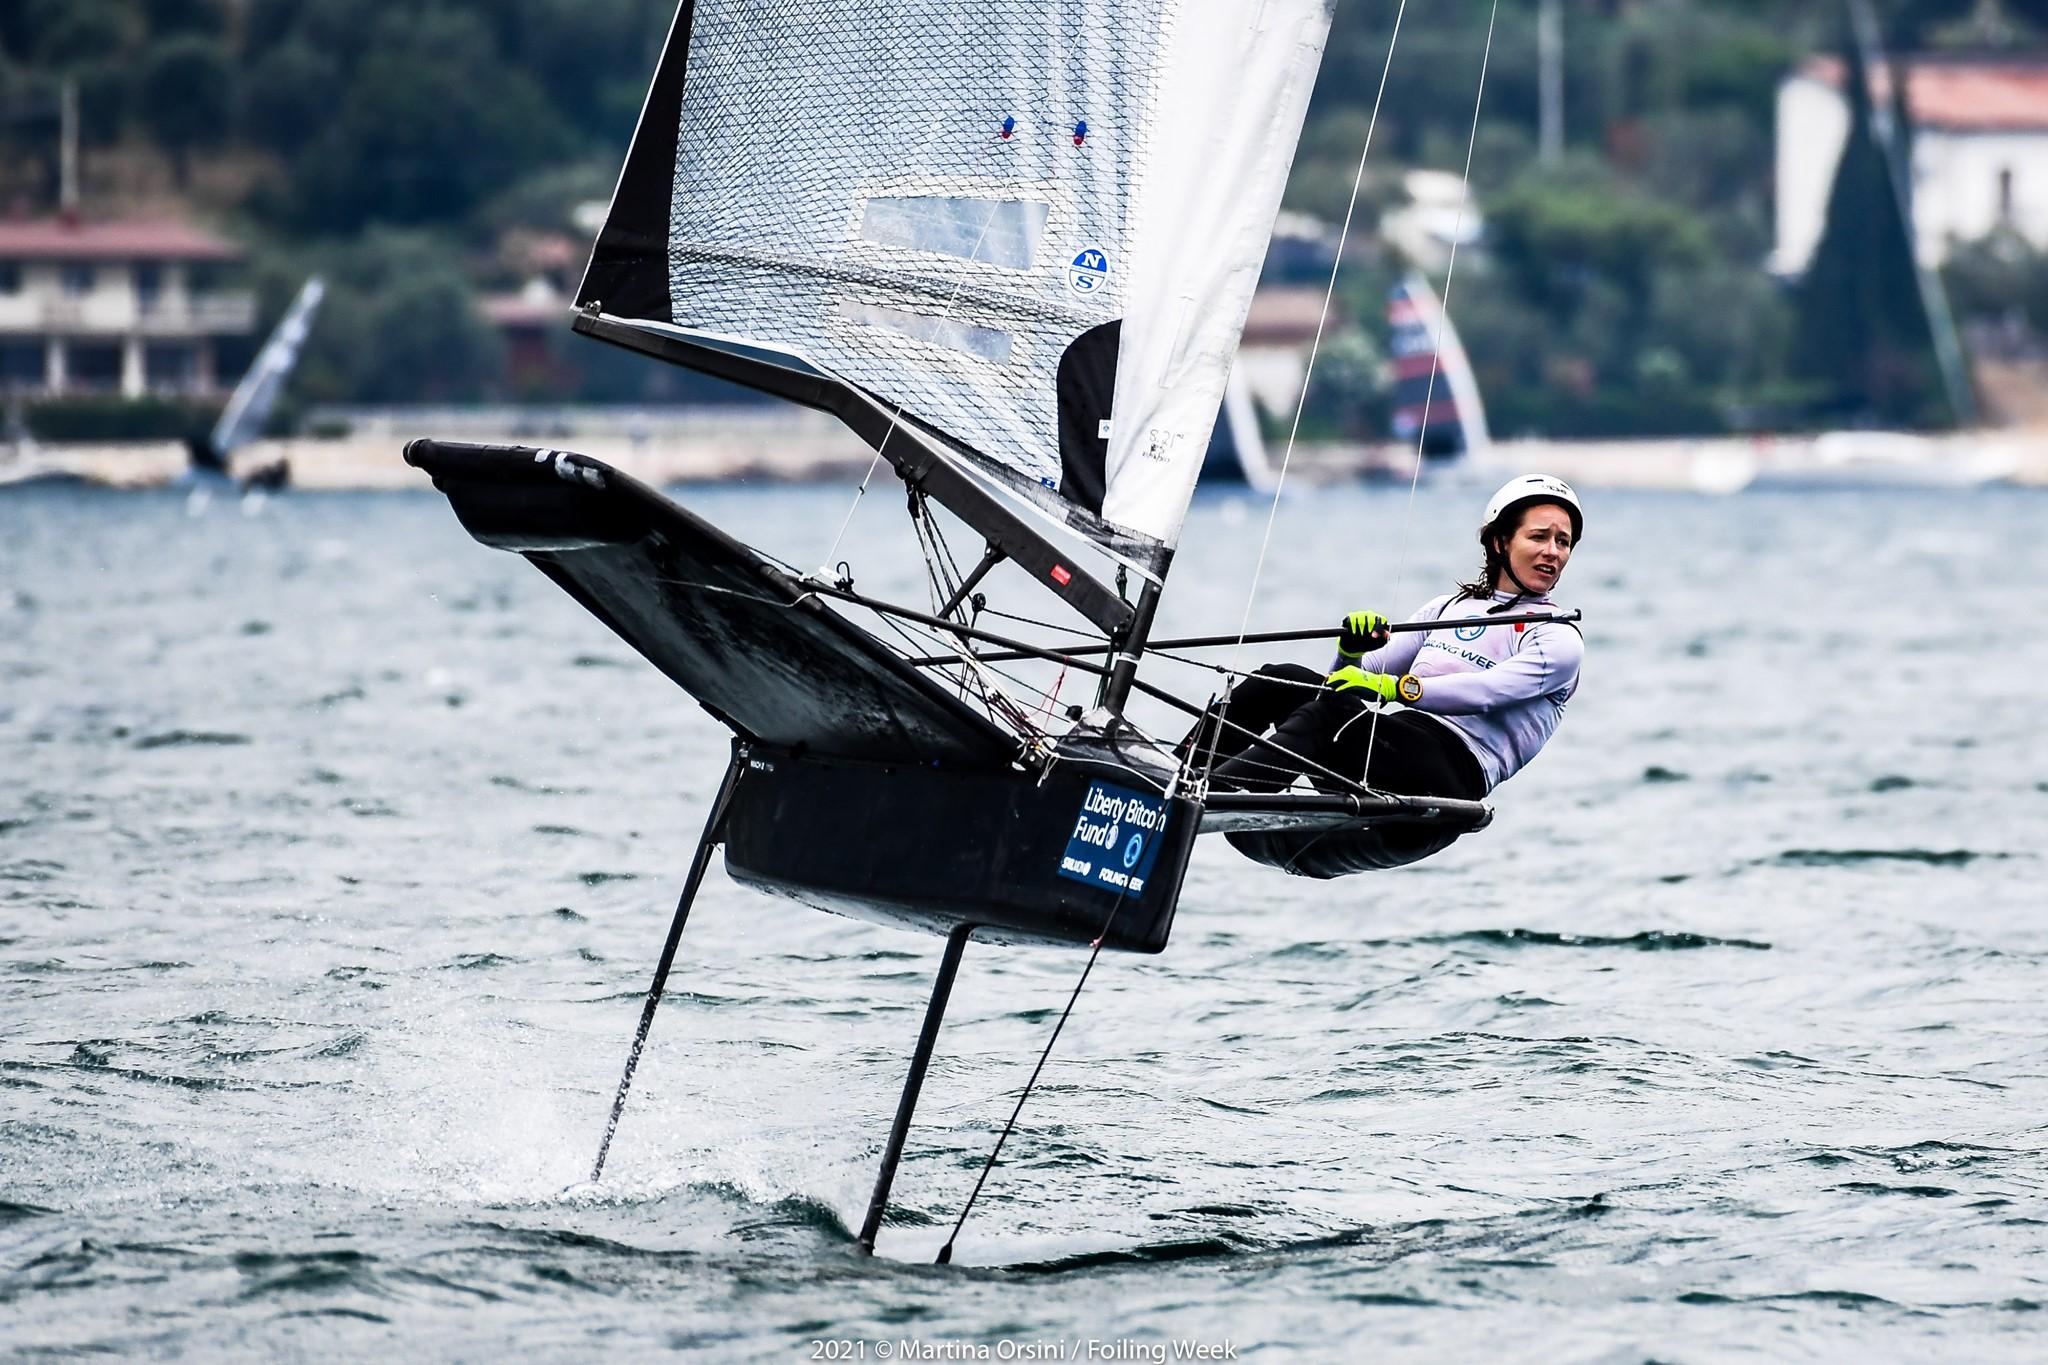 Female moth sailor